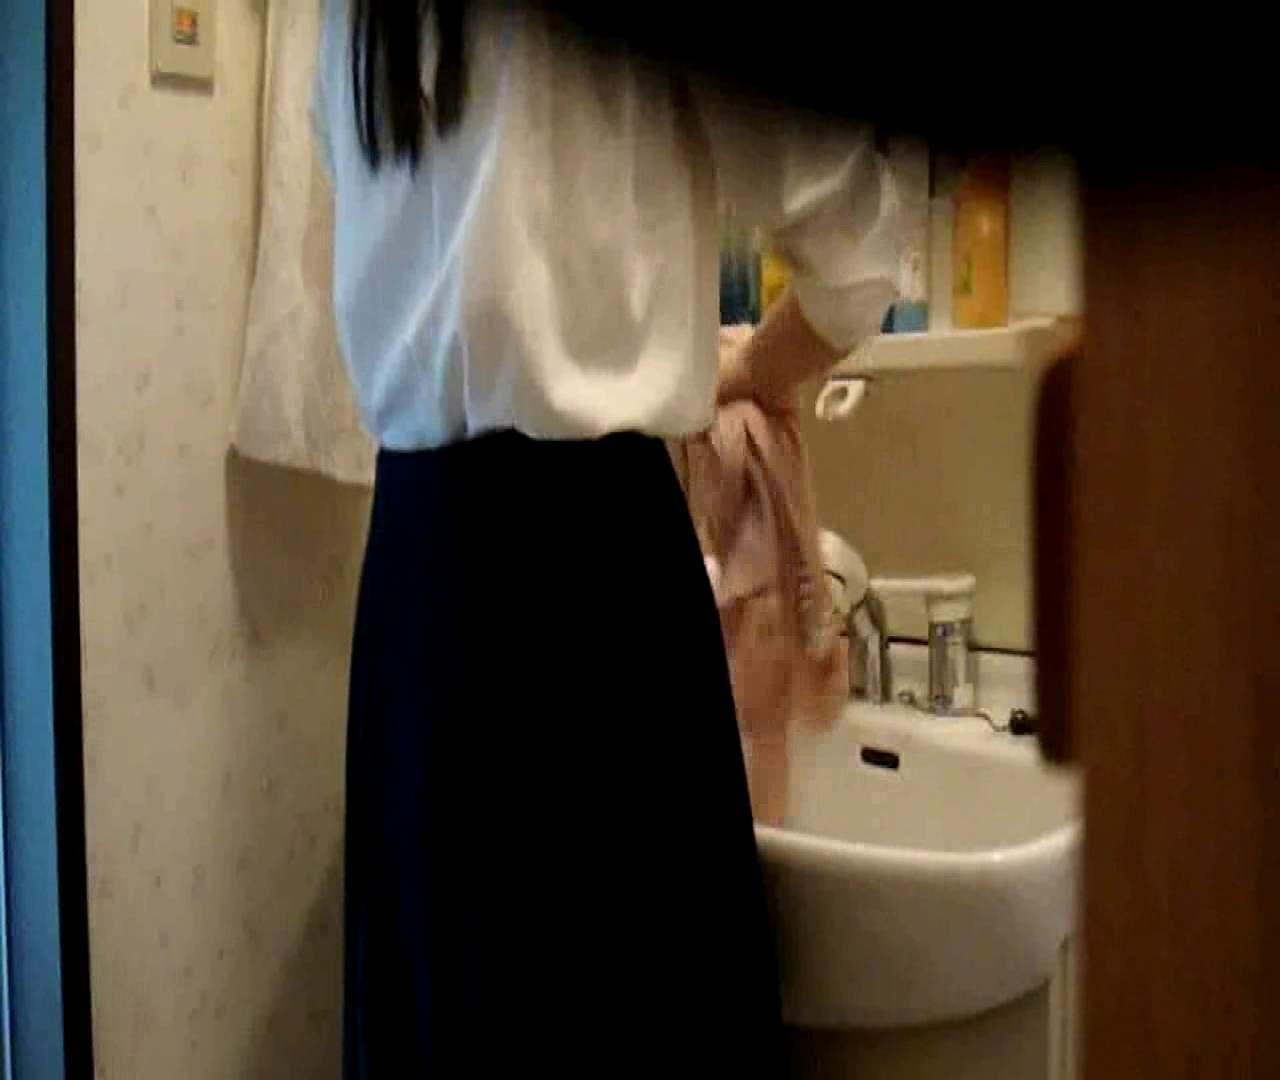 二人とも育てた甲斐がありました… vol.05 まどかが洗顔後にブラを洗濯 HなOL | 0  98pic 18